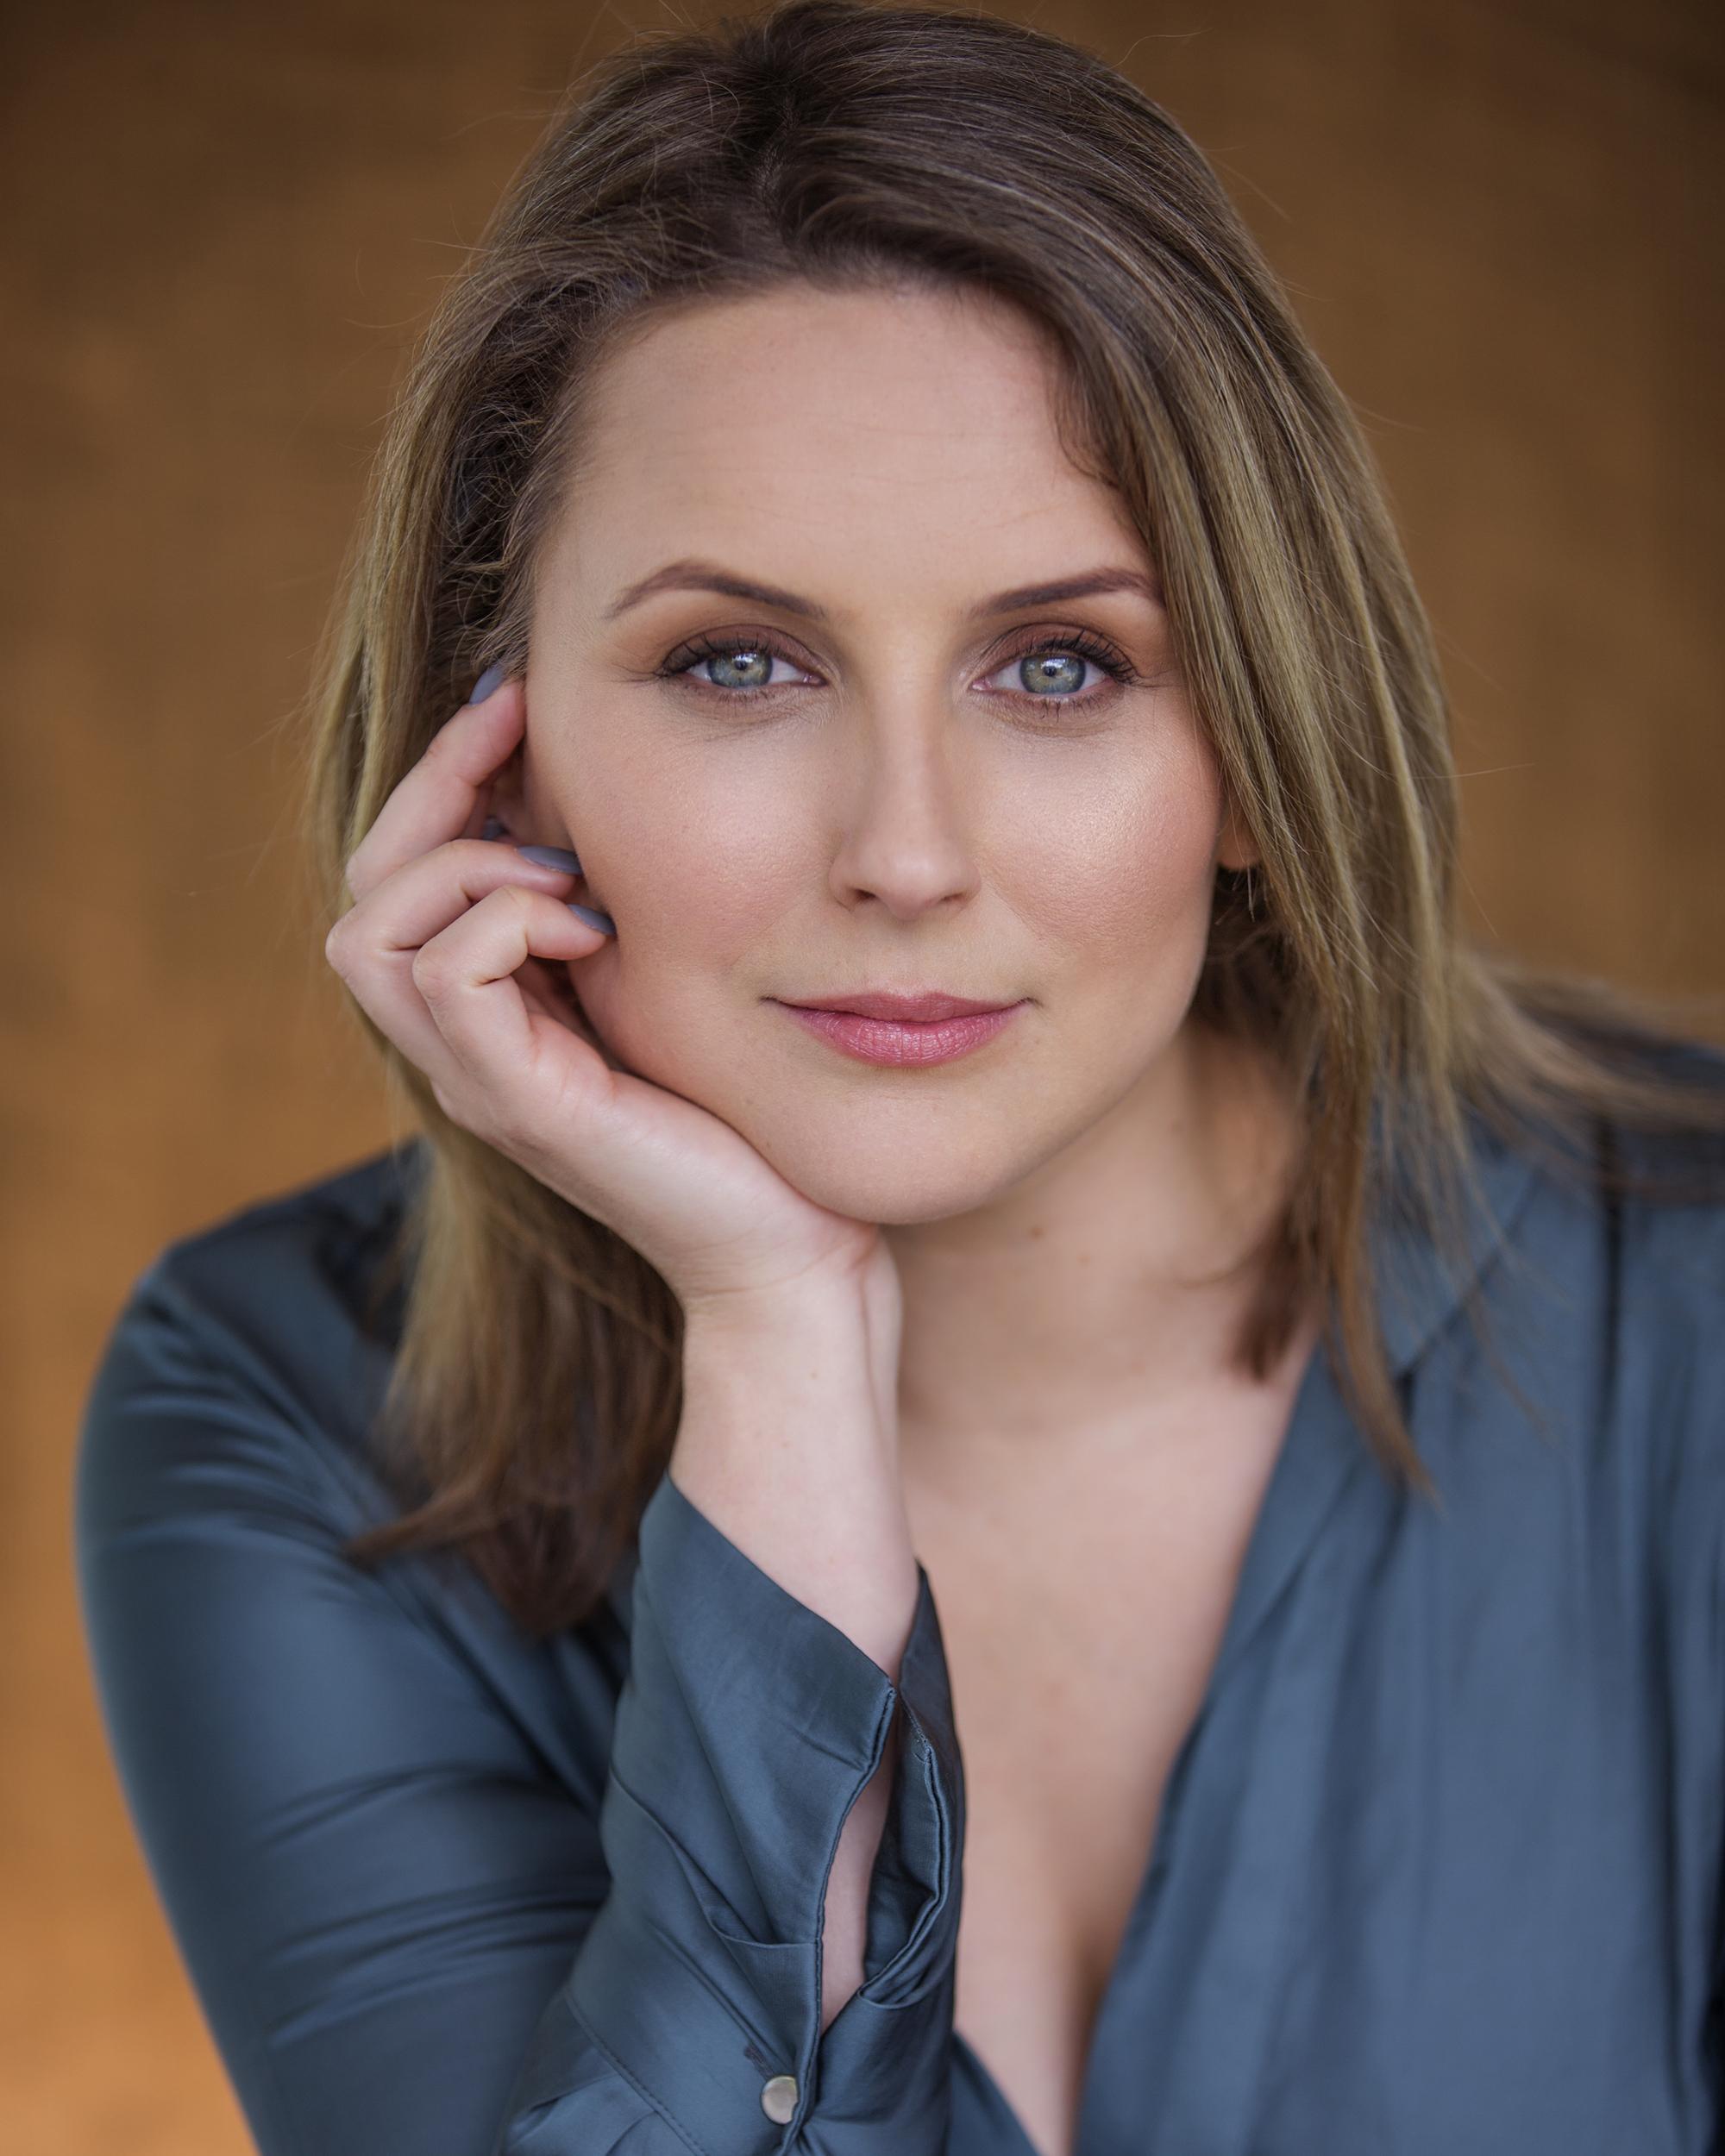 Lizzie Moore